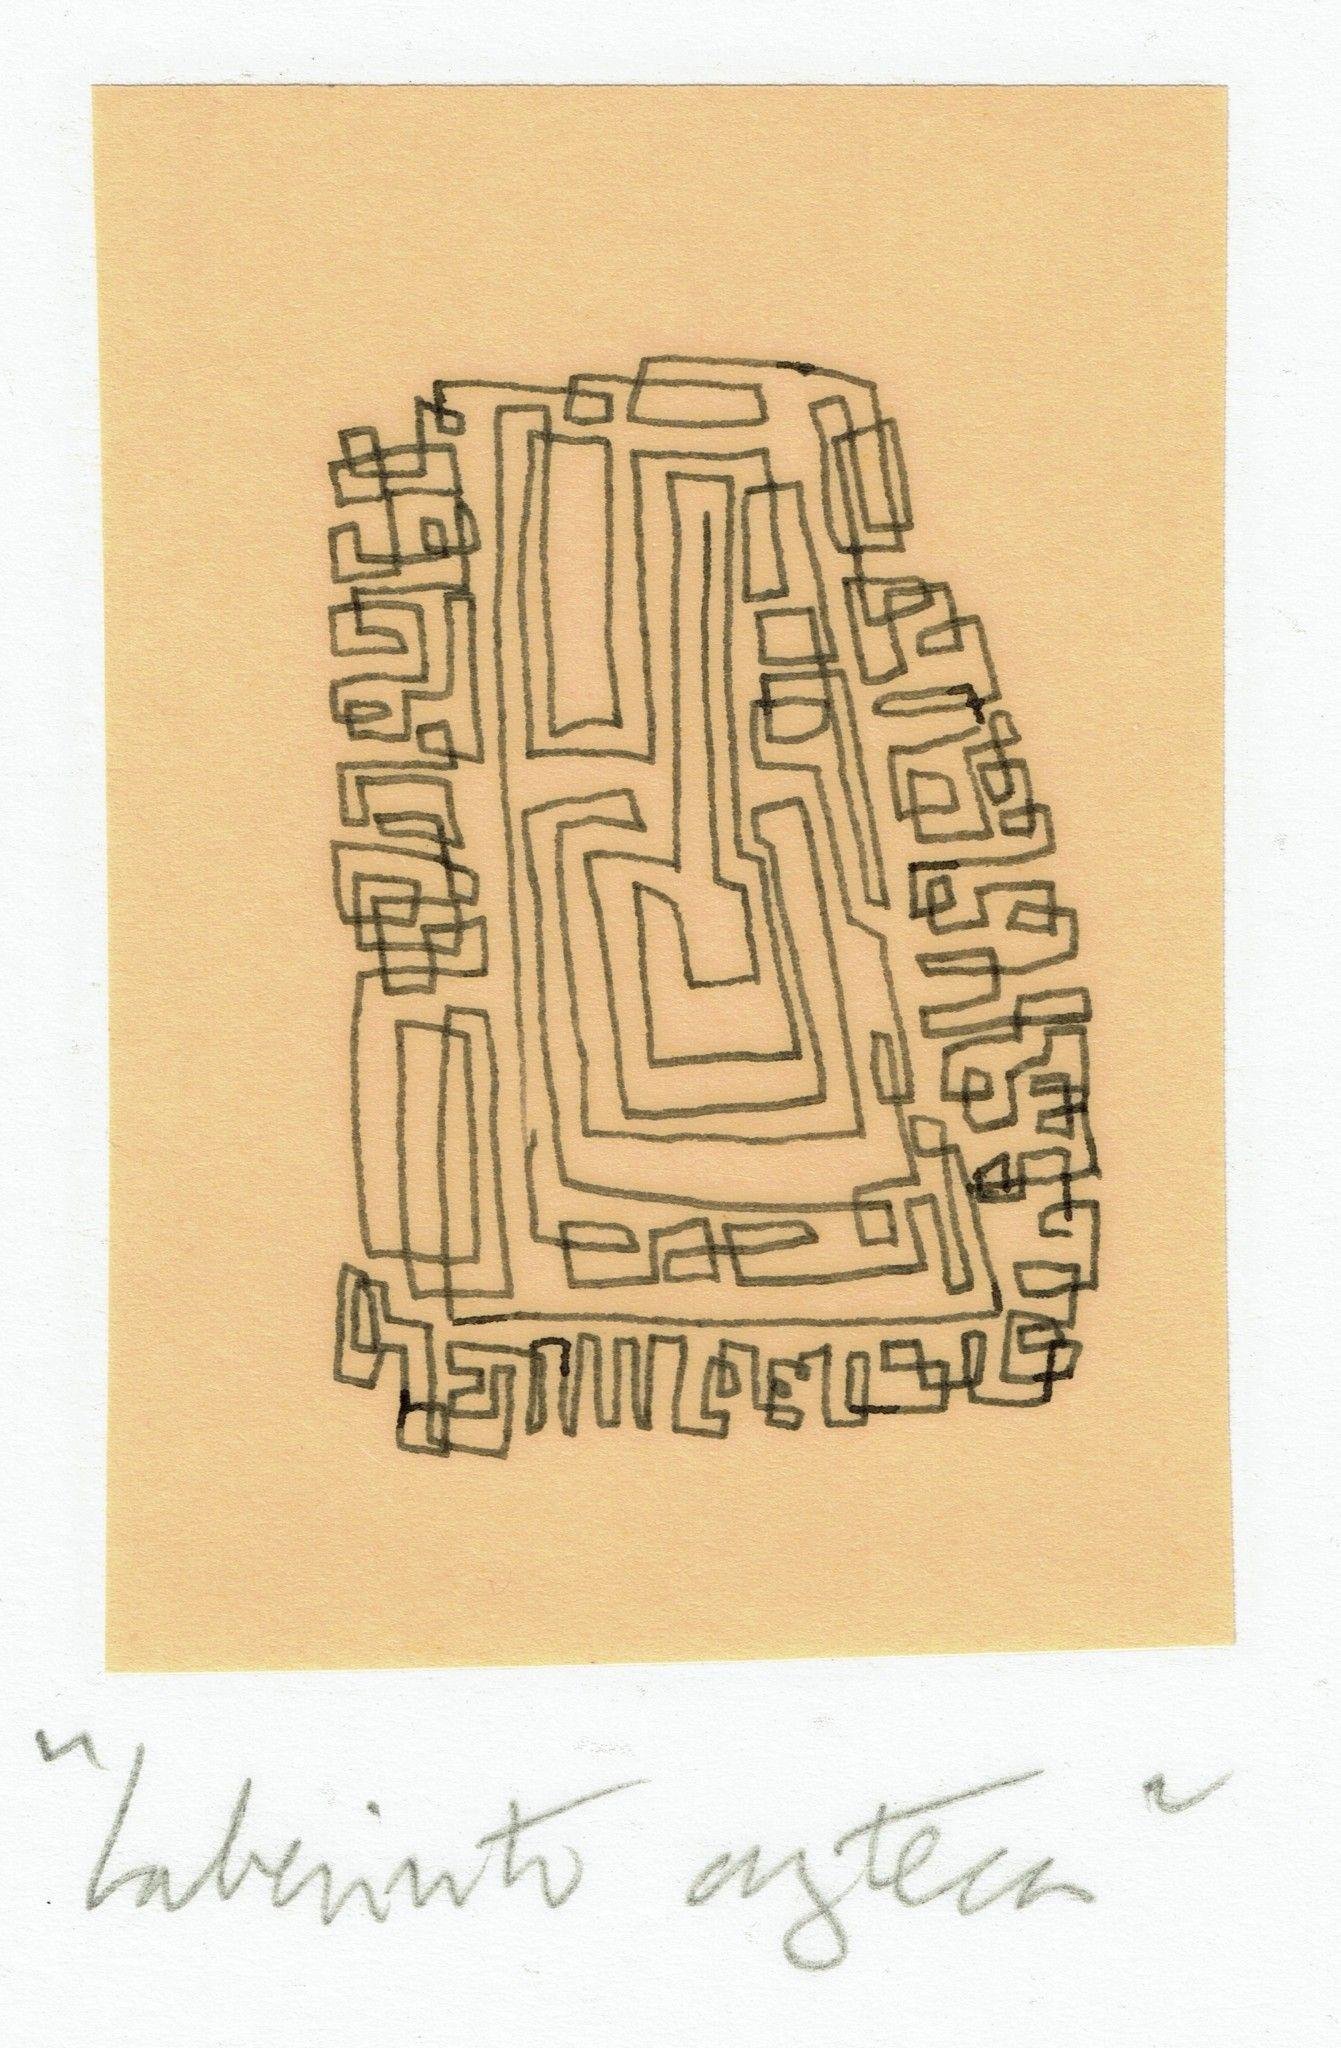 Laberinto azteca